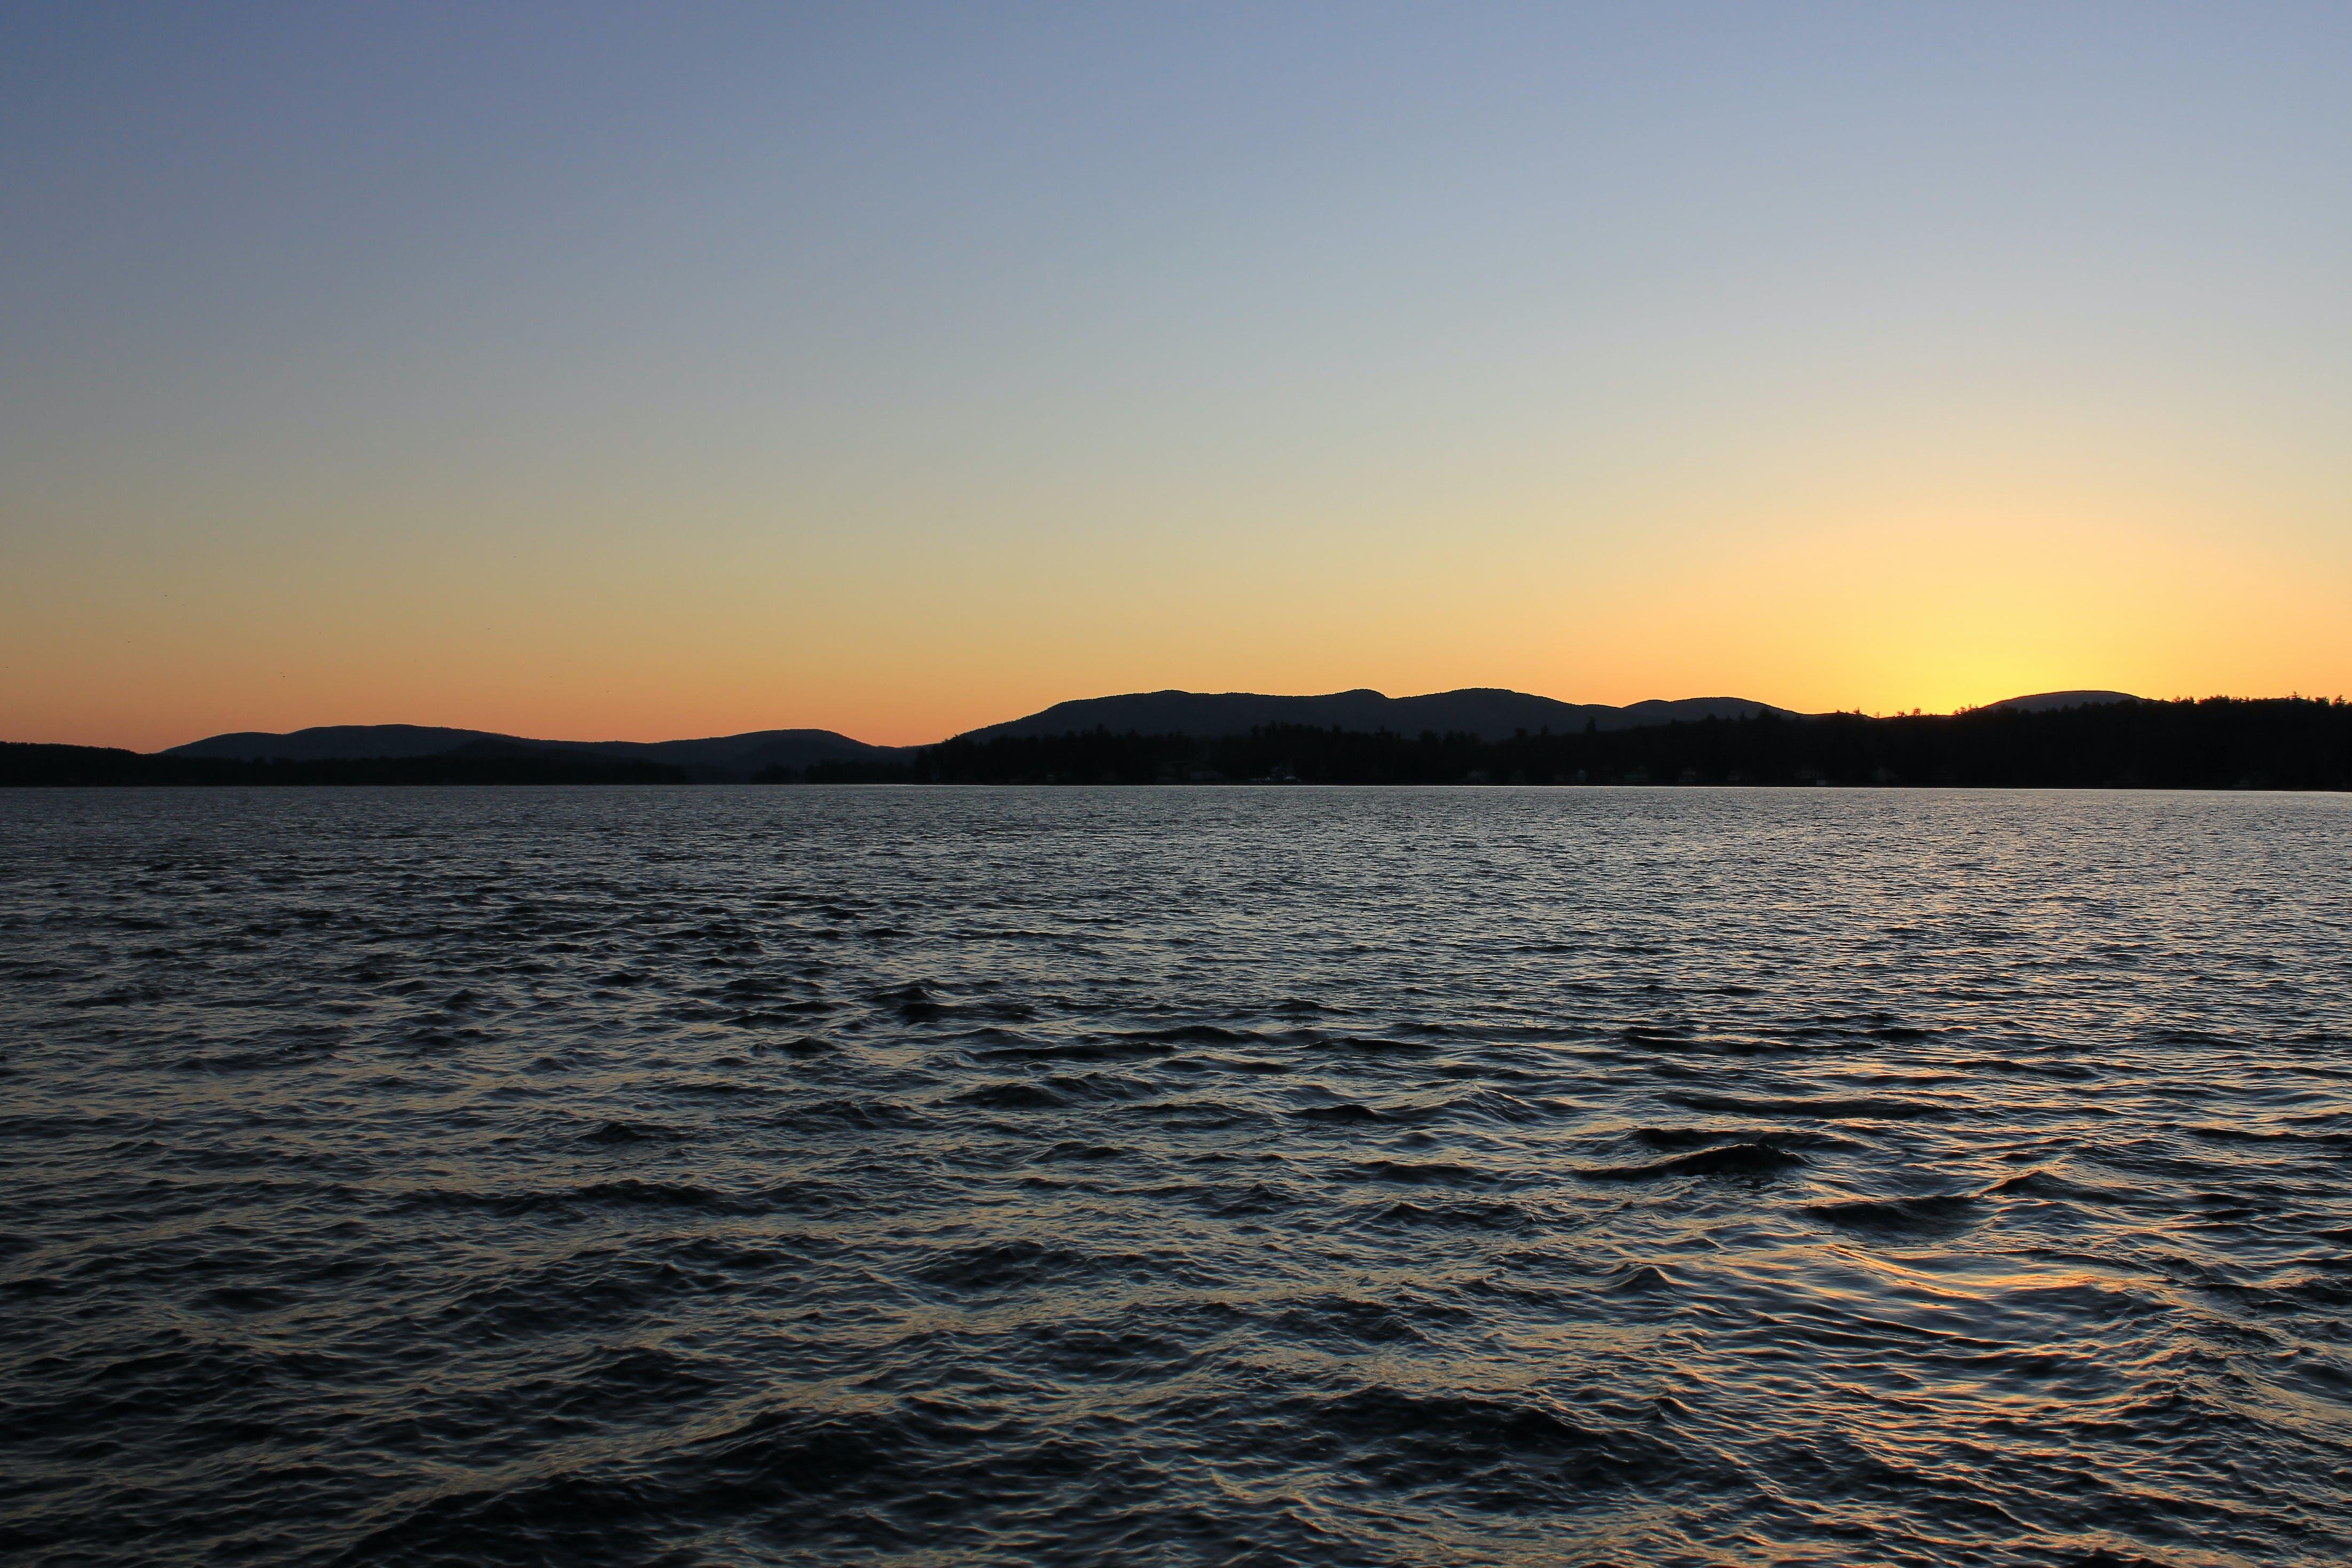 lake, sunrise, sunset